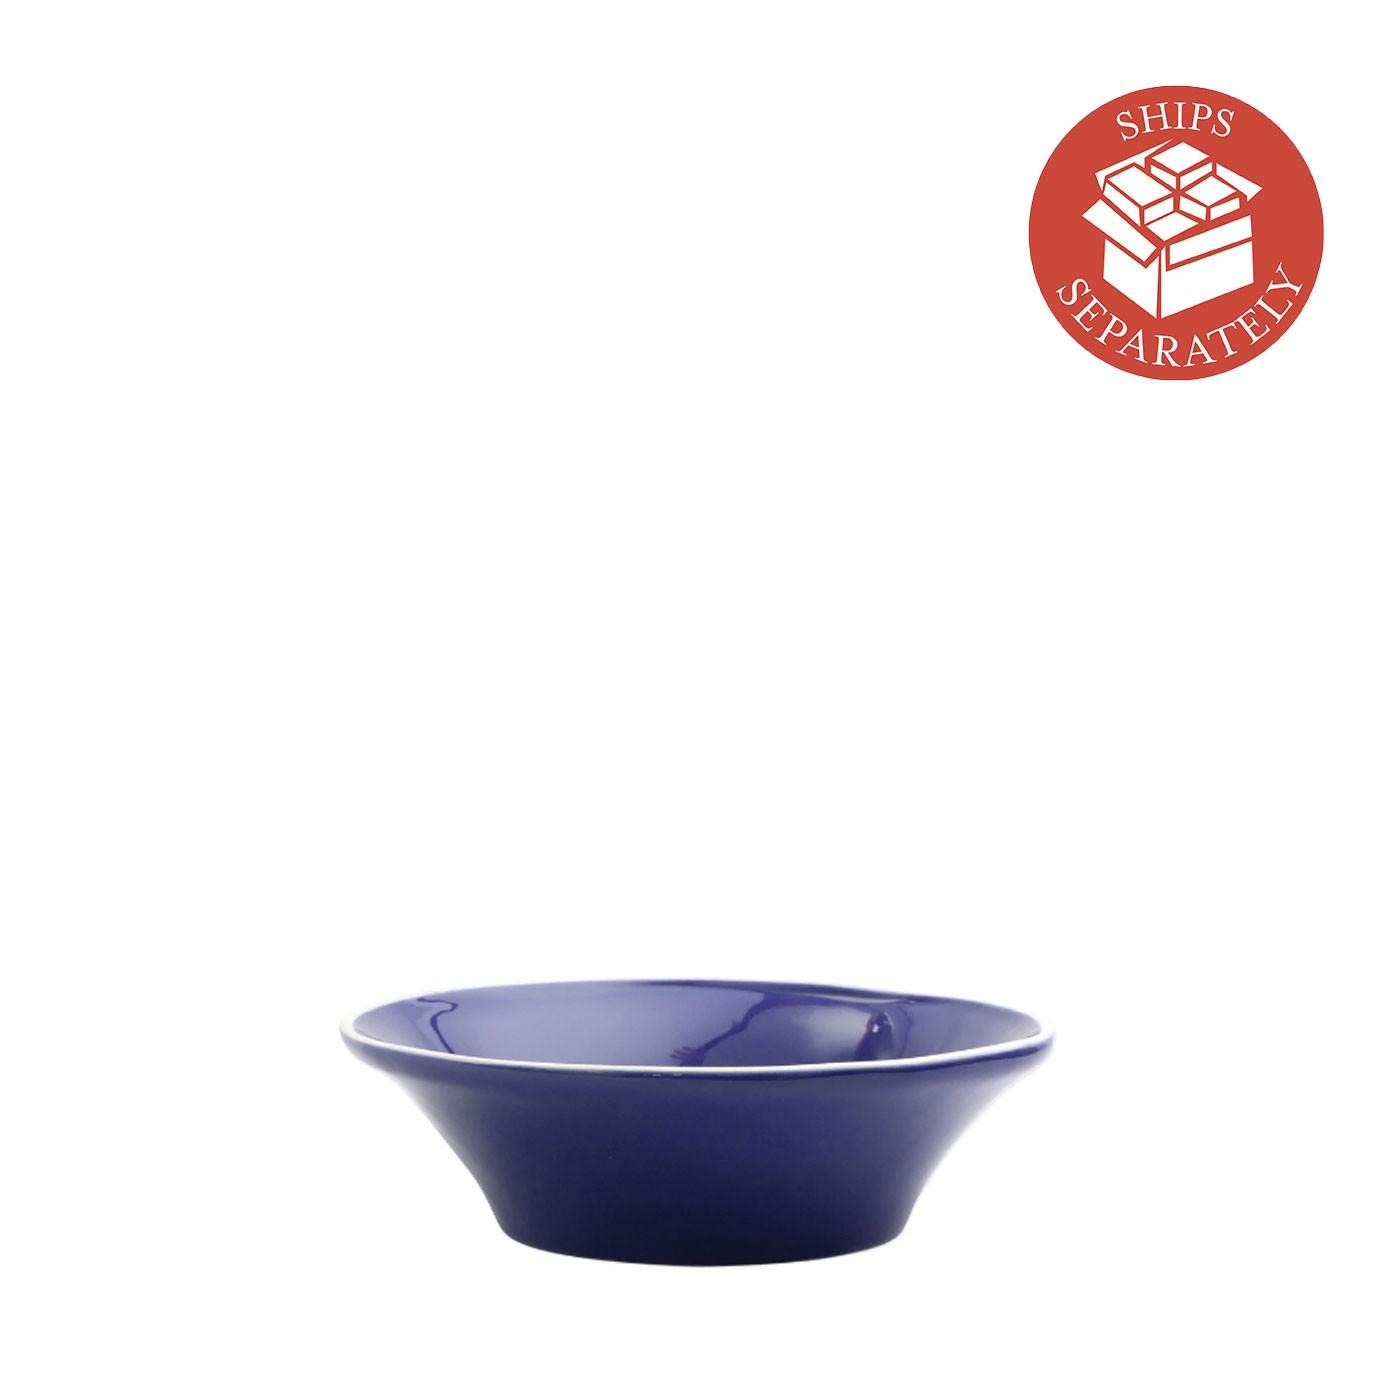 Chroma Blue Cereal Bowl - Vietri   Eataly.com